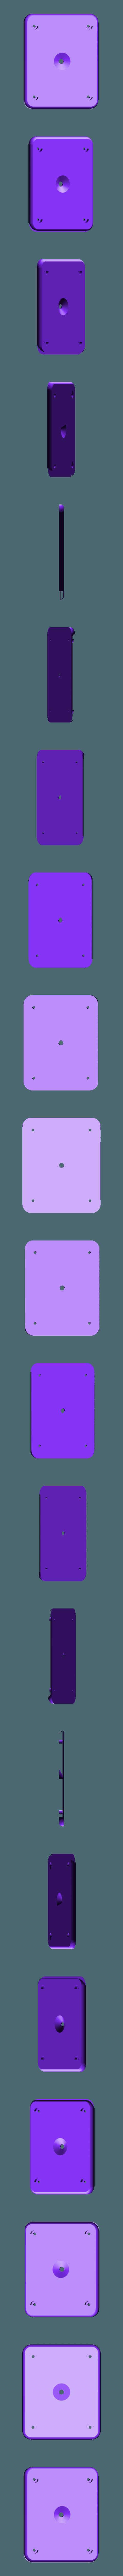 raspi_cover.stl Télécharger fichier STL gratuit Étui Raspberry Pi avec caméra et émetteur • Plan à imprimer en 3D, vmi